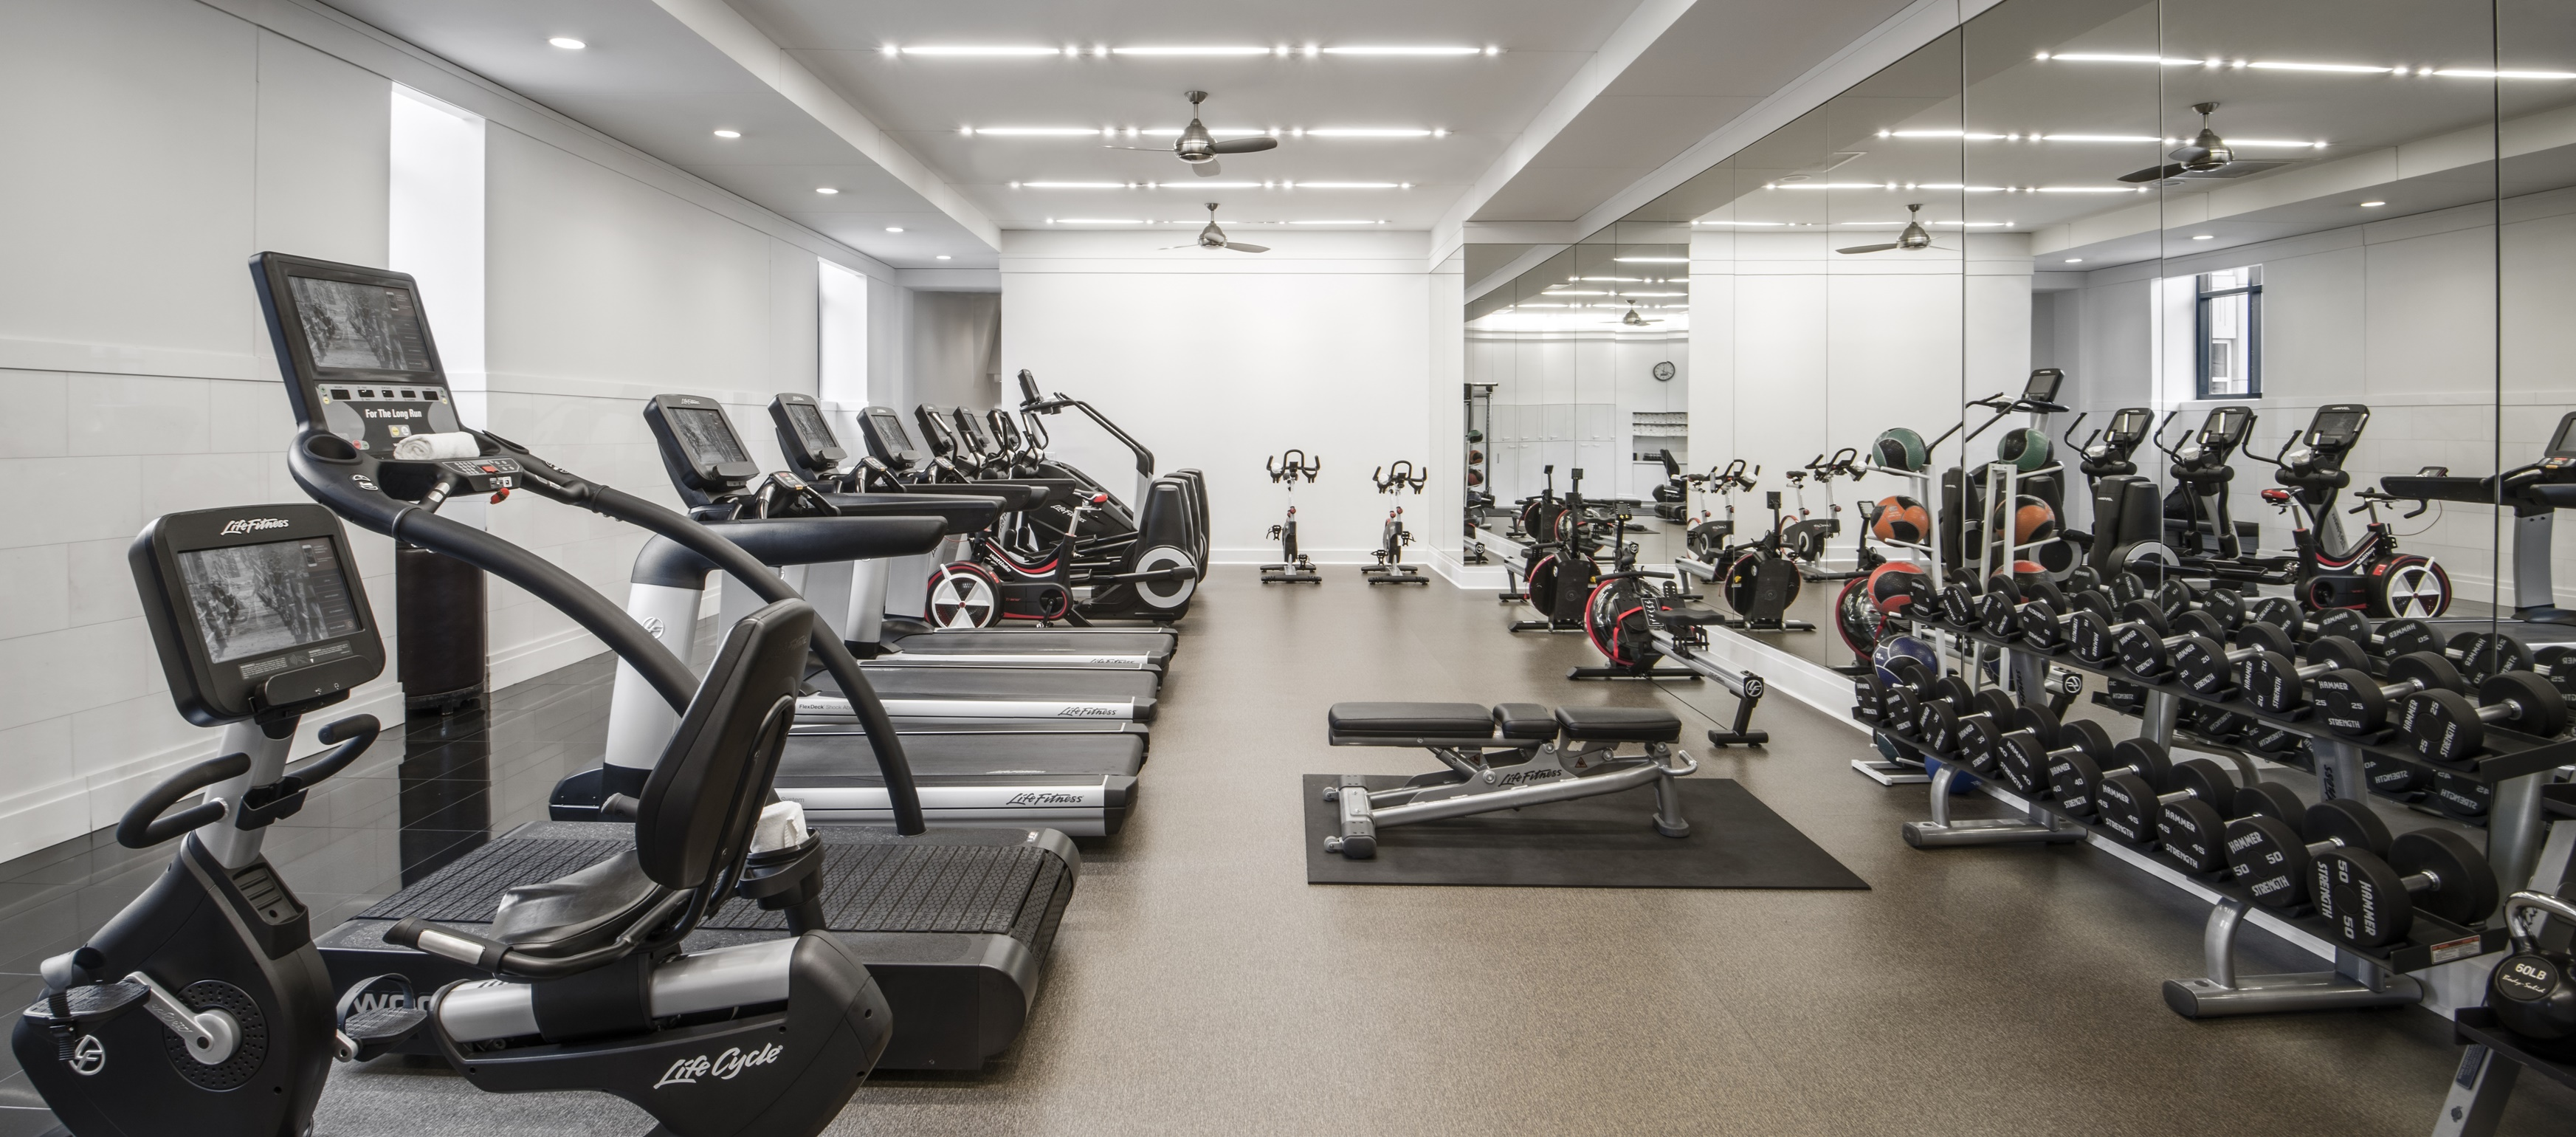 Health club chicago waldorf astoria chicago fitness center